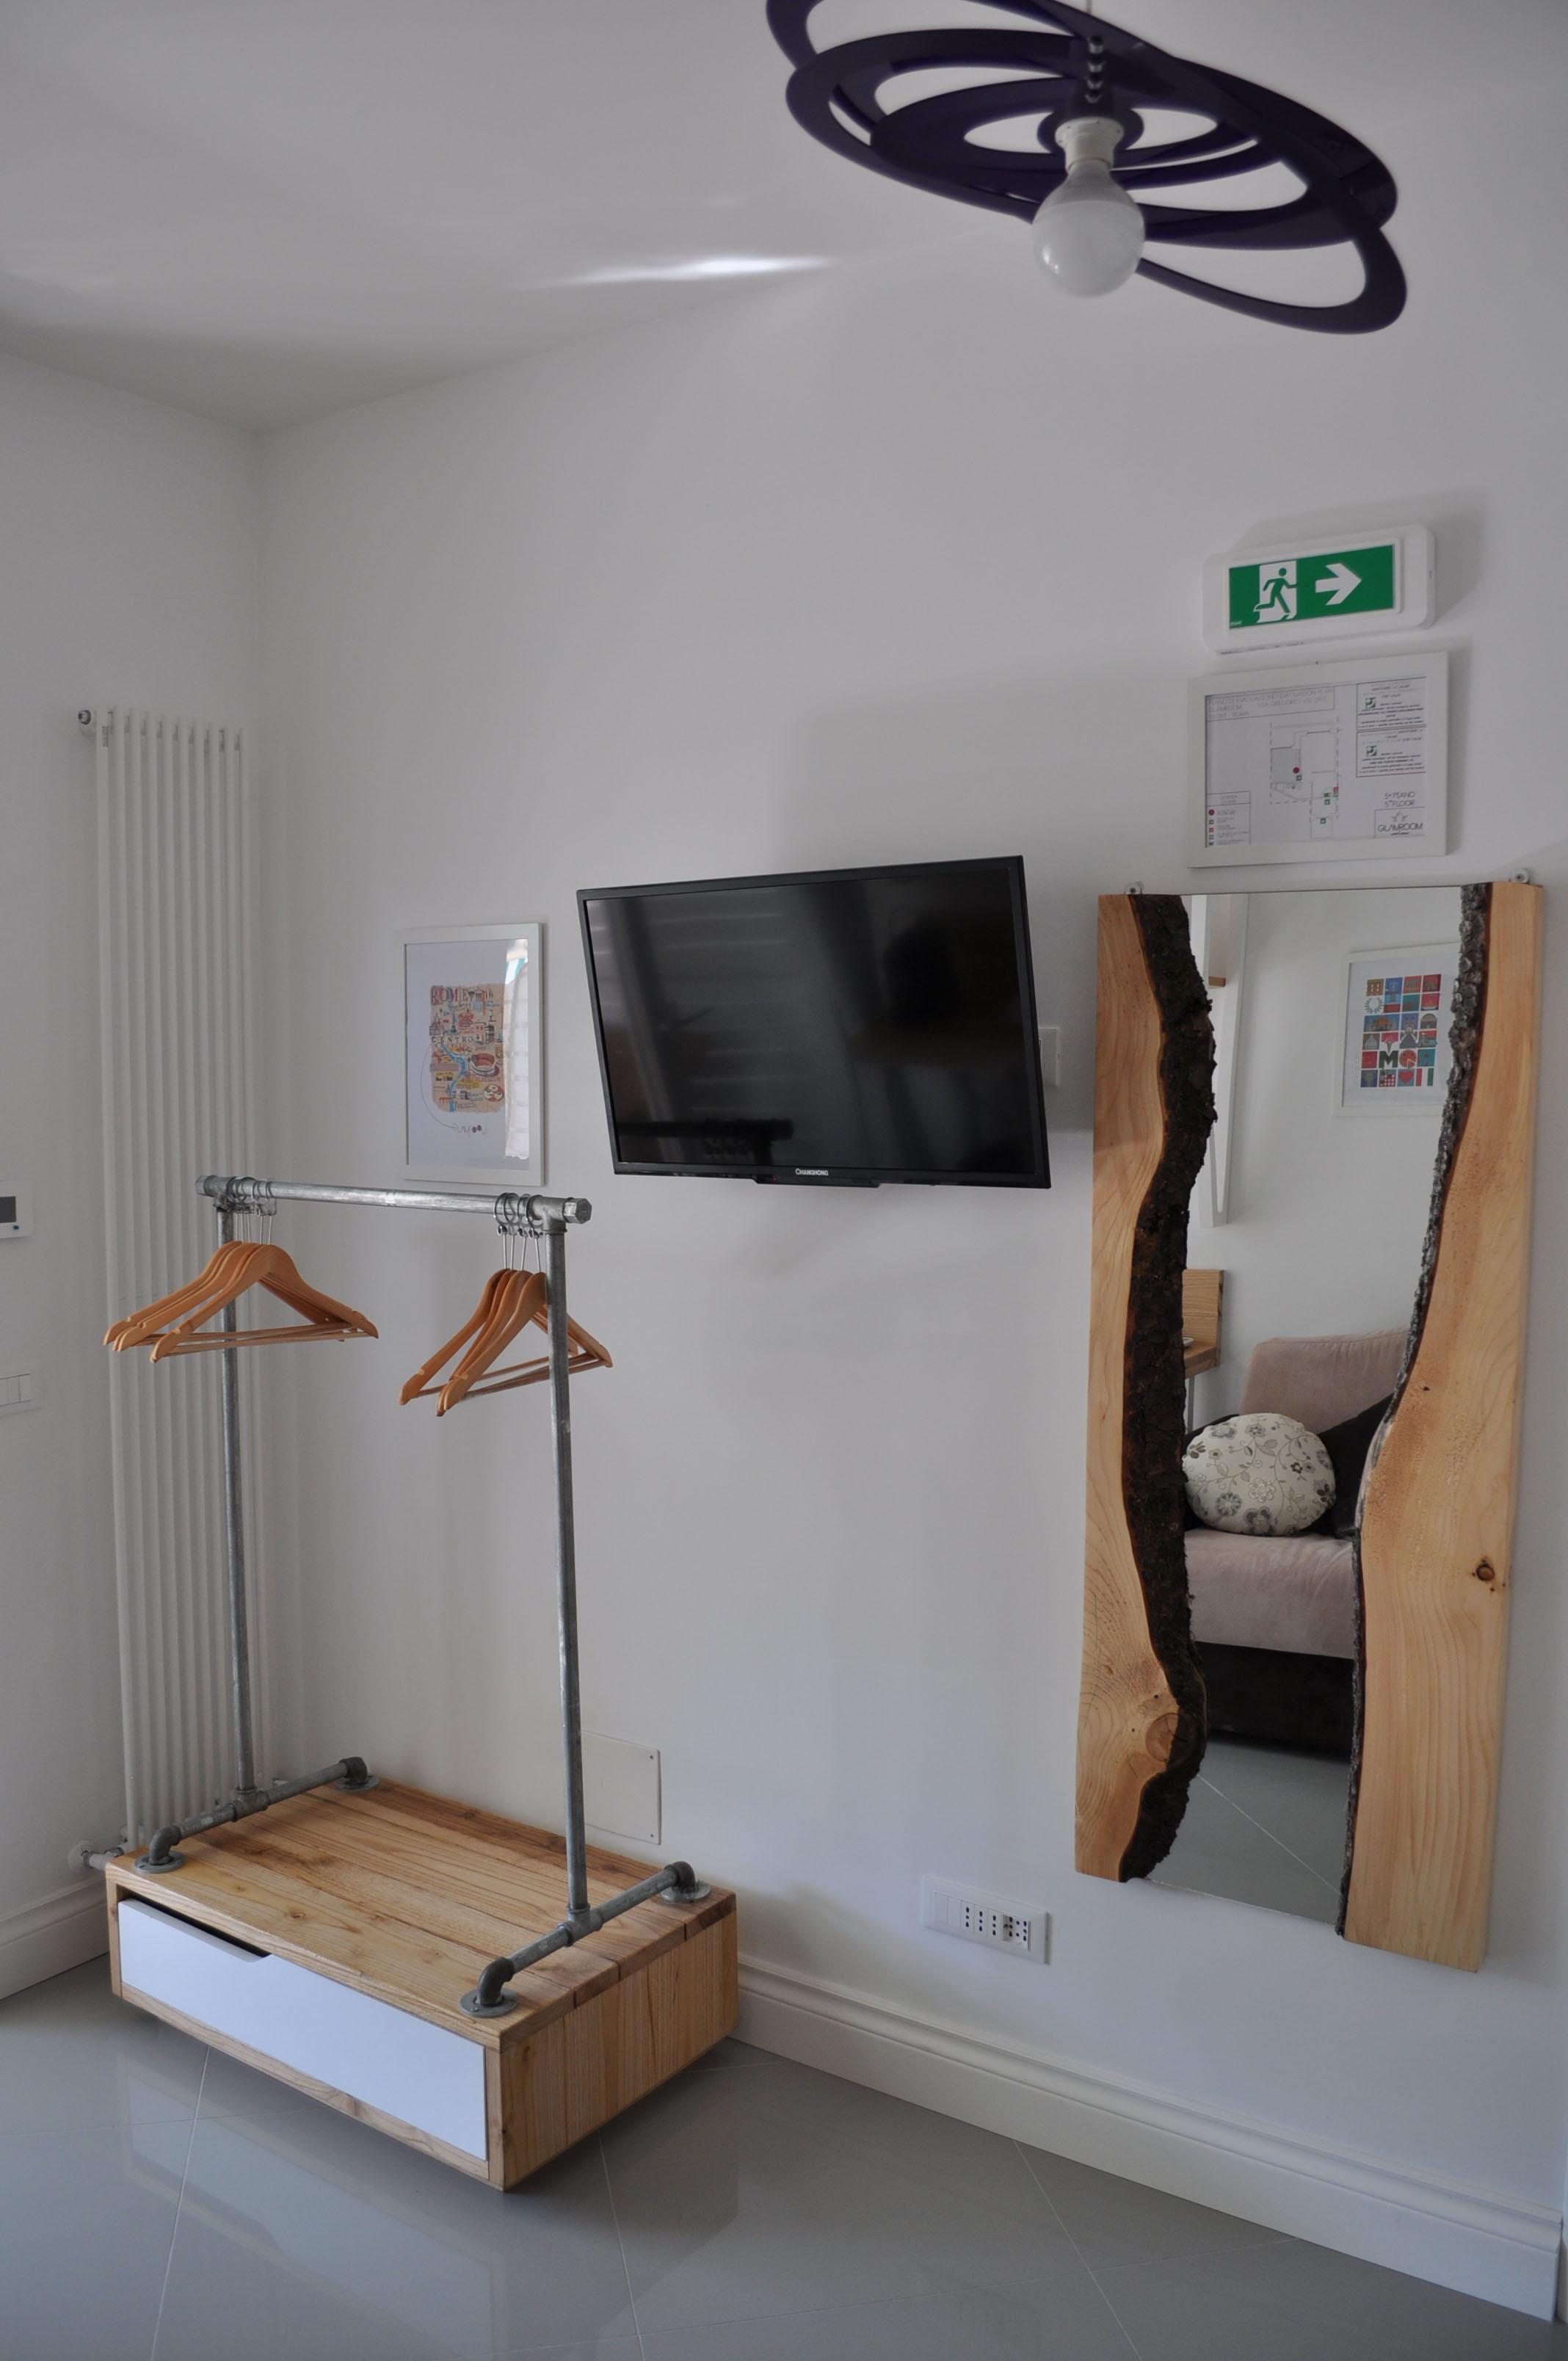 Camera letto su misura falegnameria roma (5)